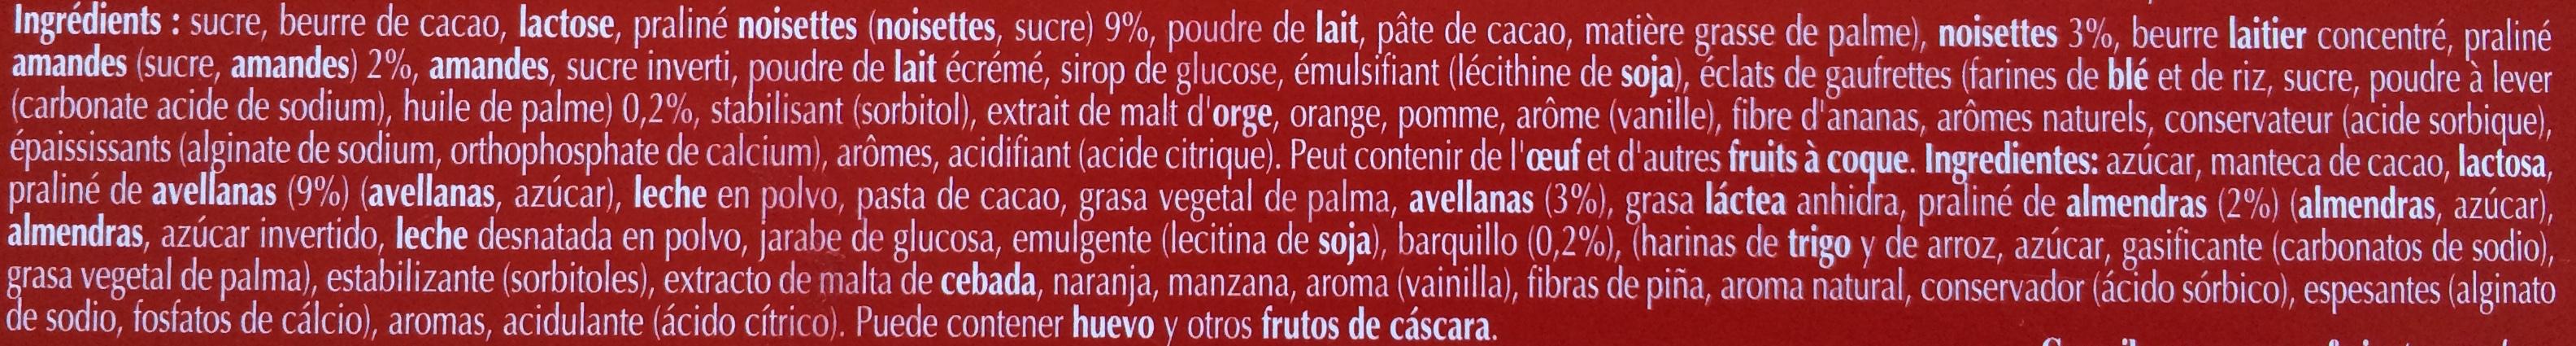 Lindt Champs-Élysées Lait - Ingredients - fr